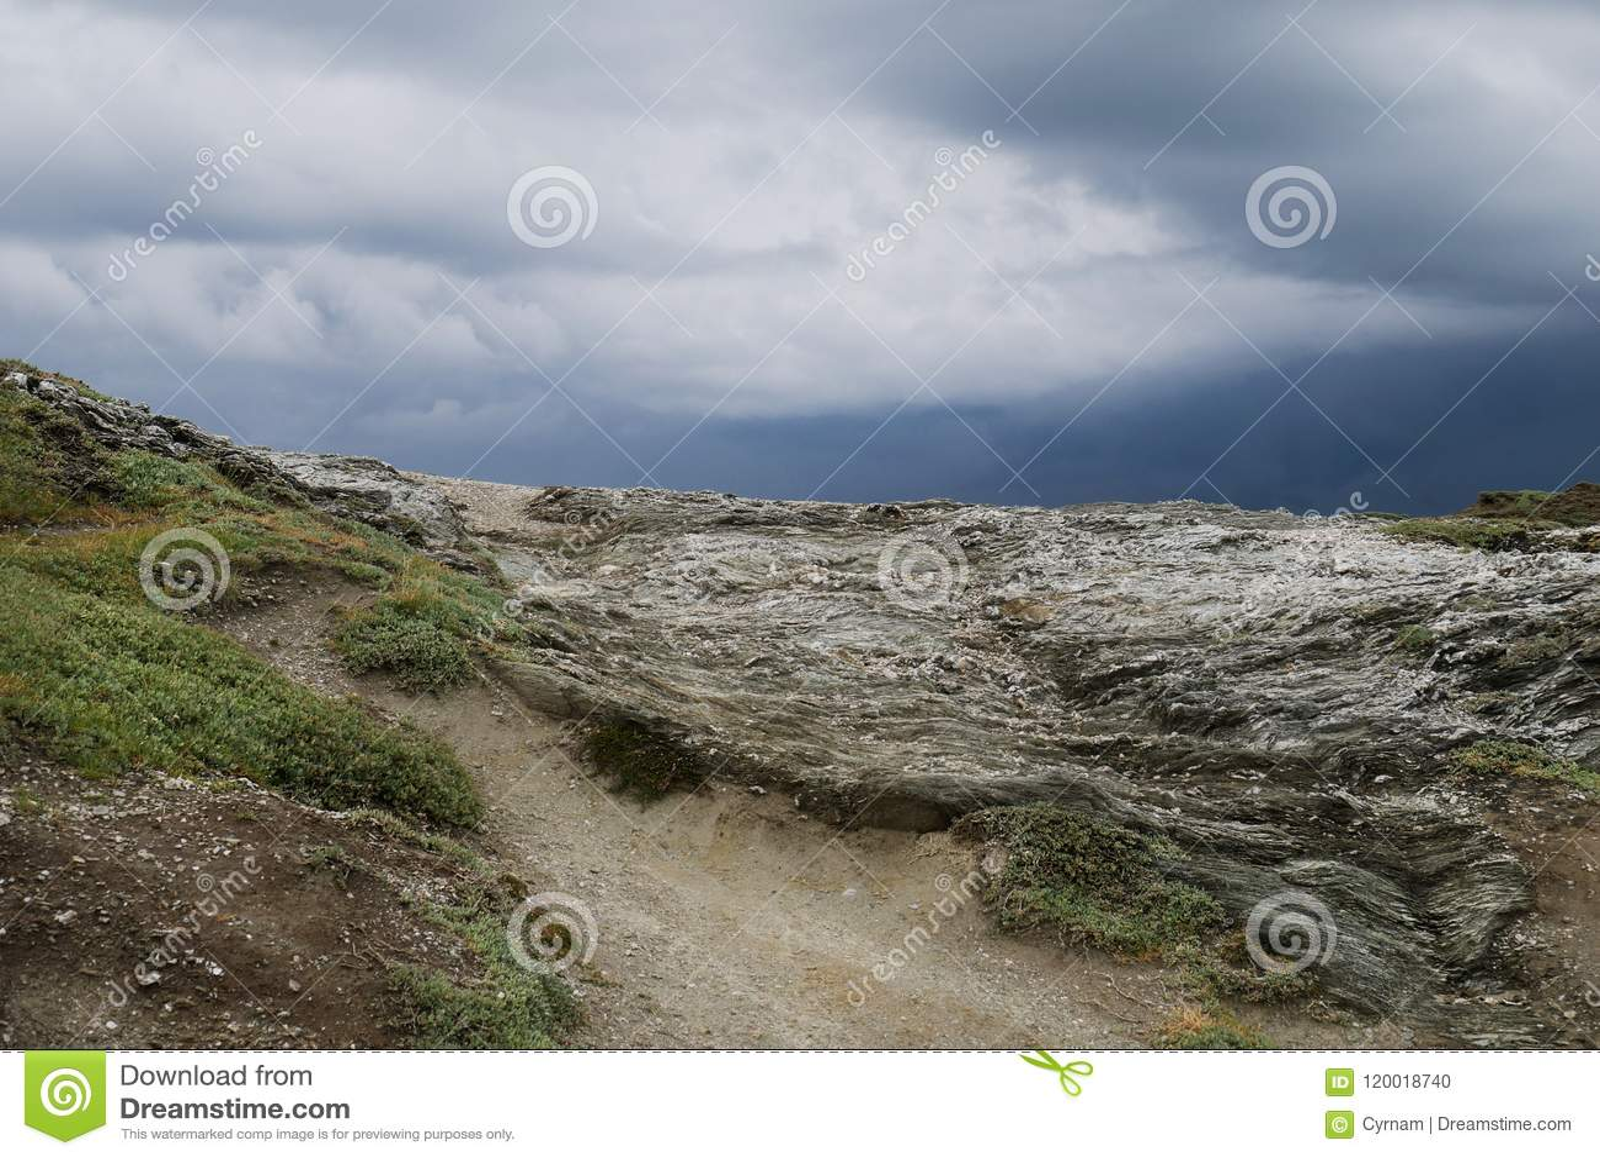 Типичный одичалый ландшафт в Бретани с изумительным темным облачным небом, уникально запустелой сельской местностью с никто